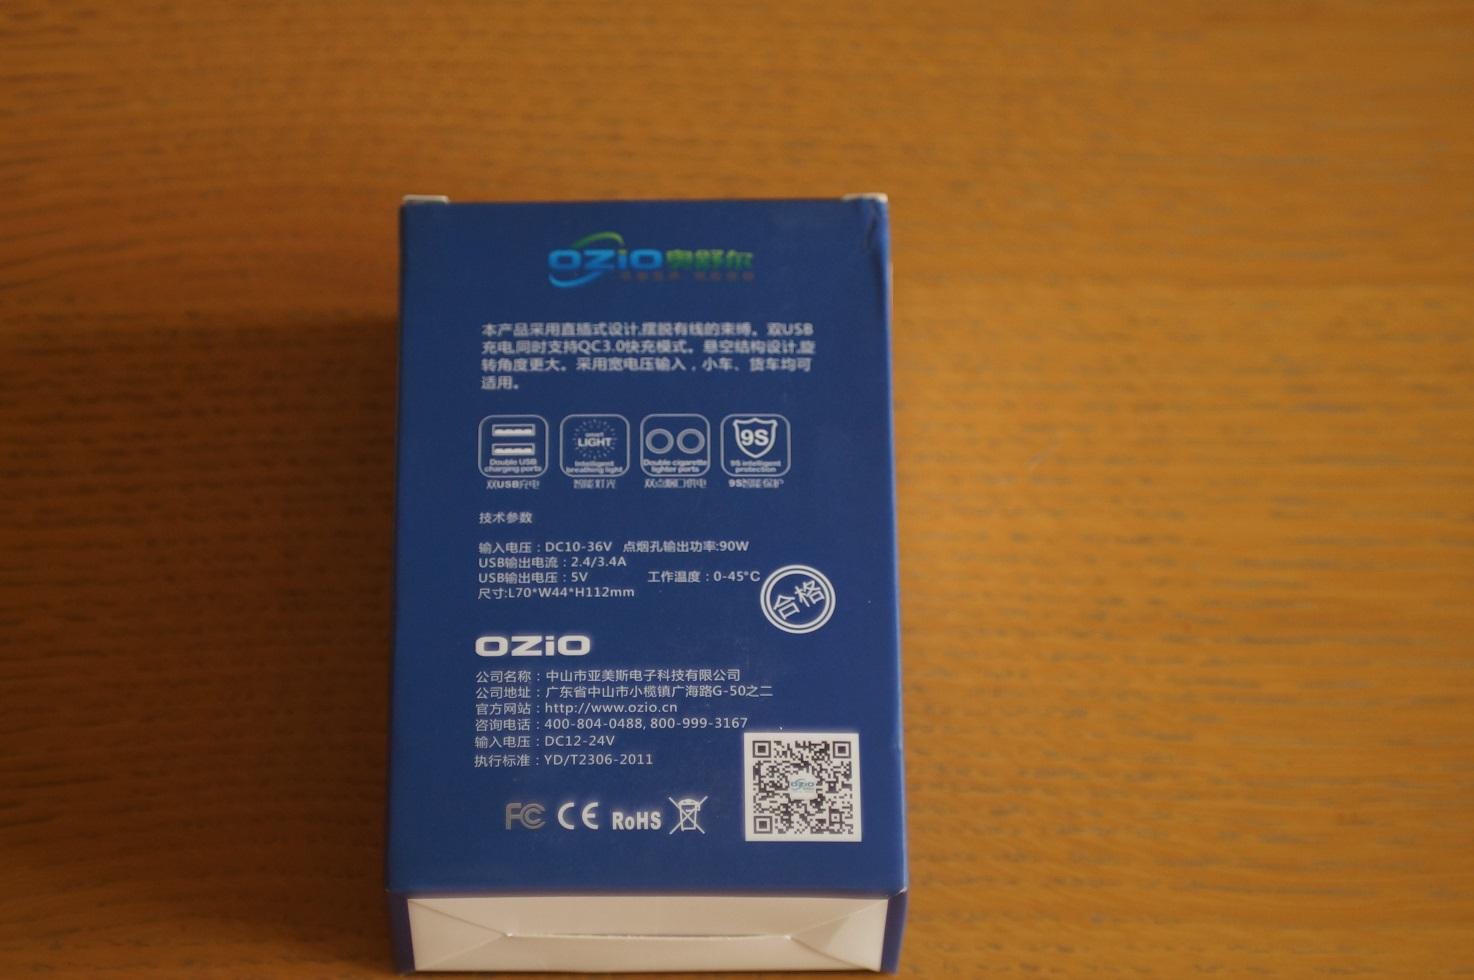 DSC098saaa59.jpg